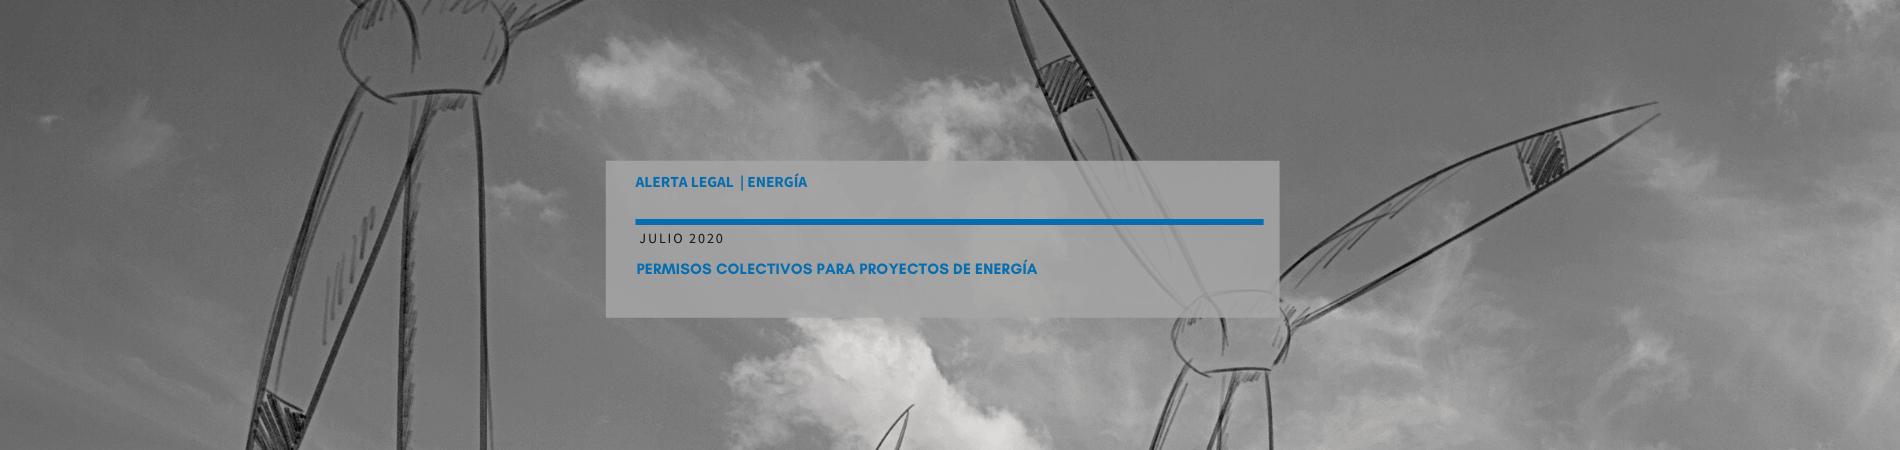 Alerta Legal M&B | Permisos colectivos para proyectos de energía